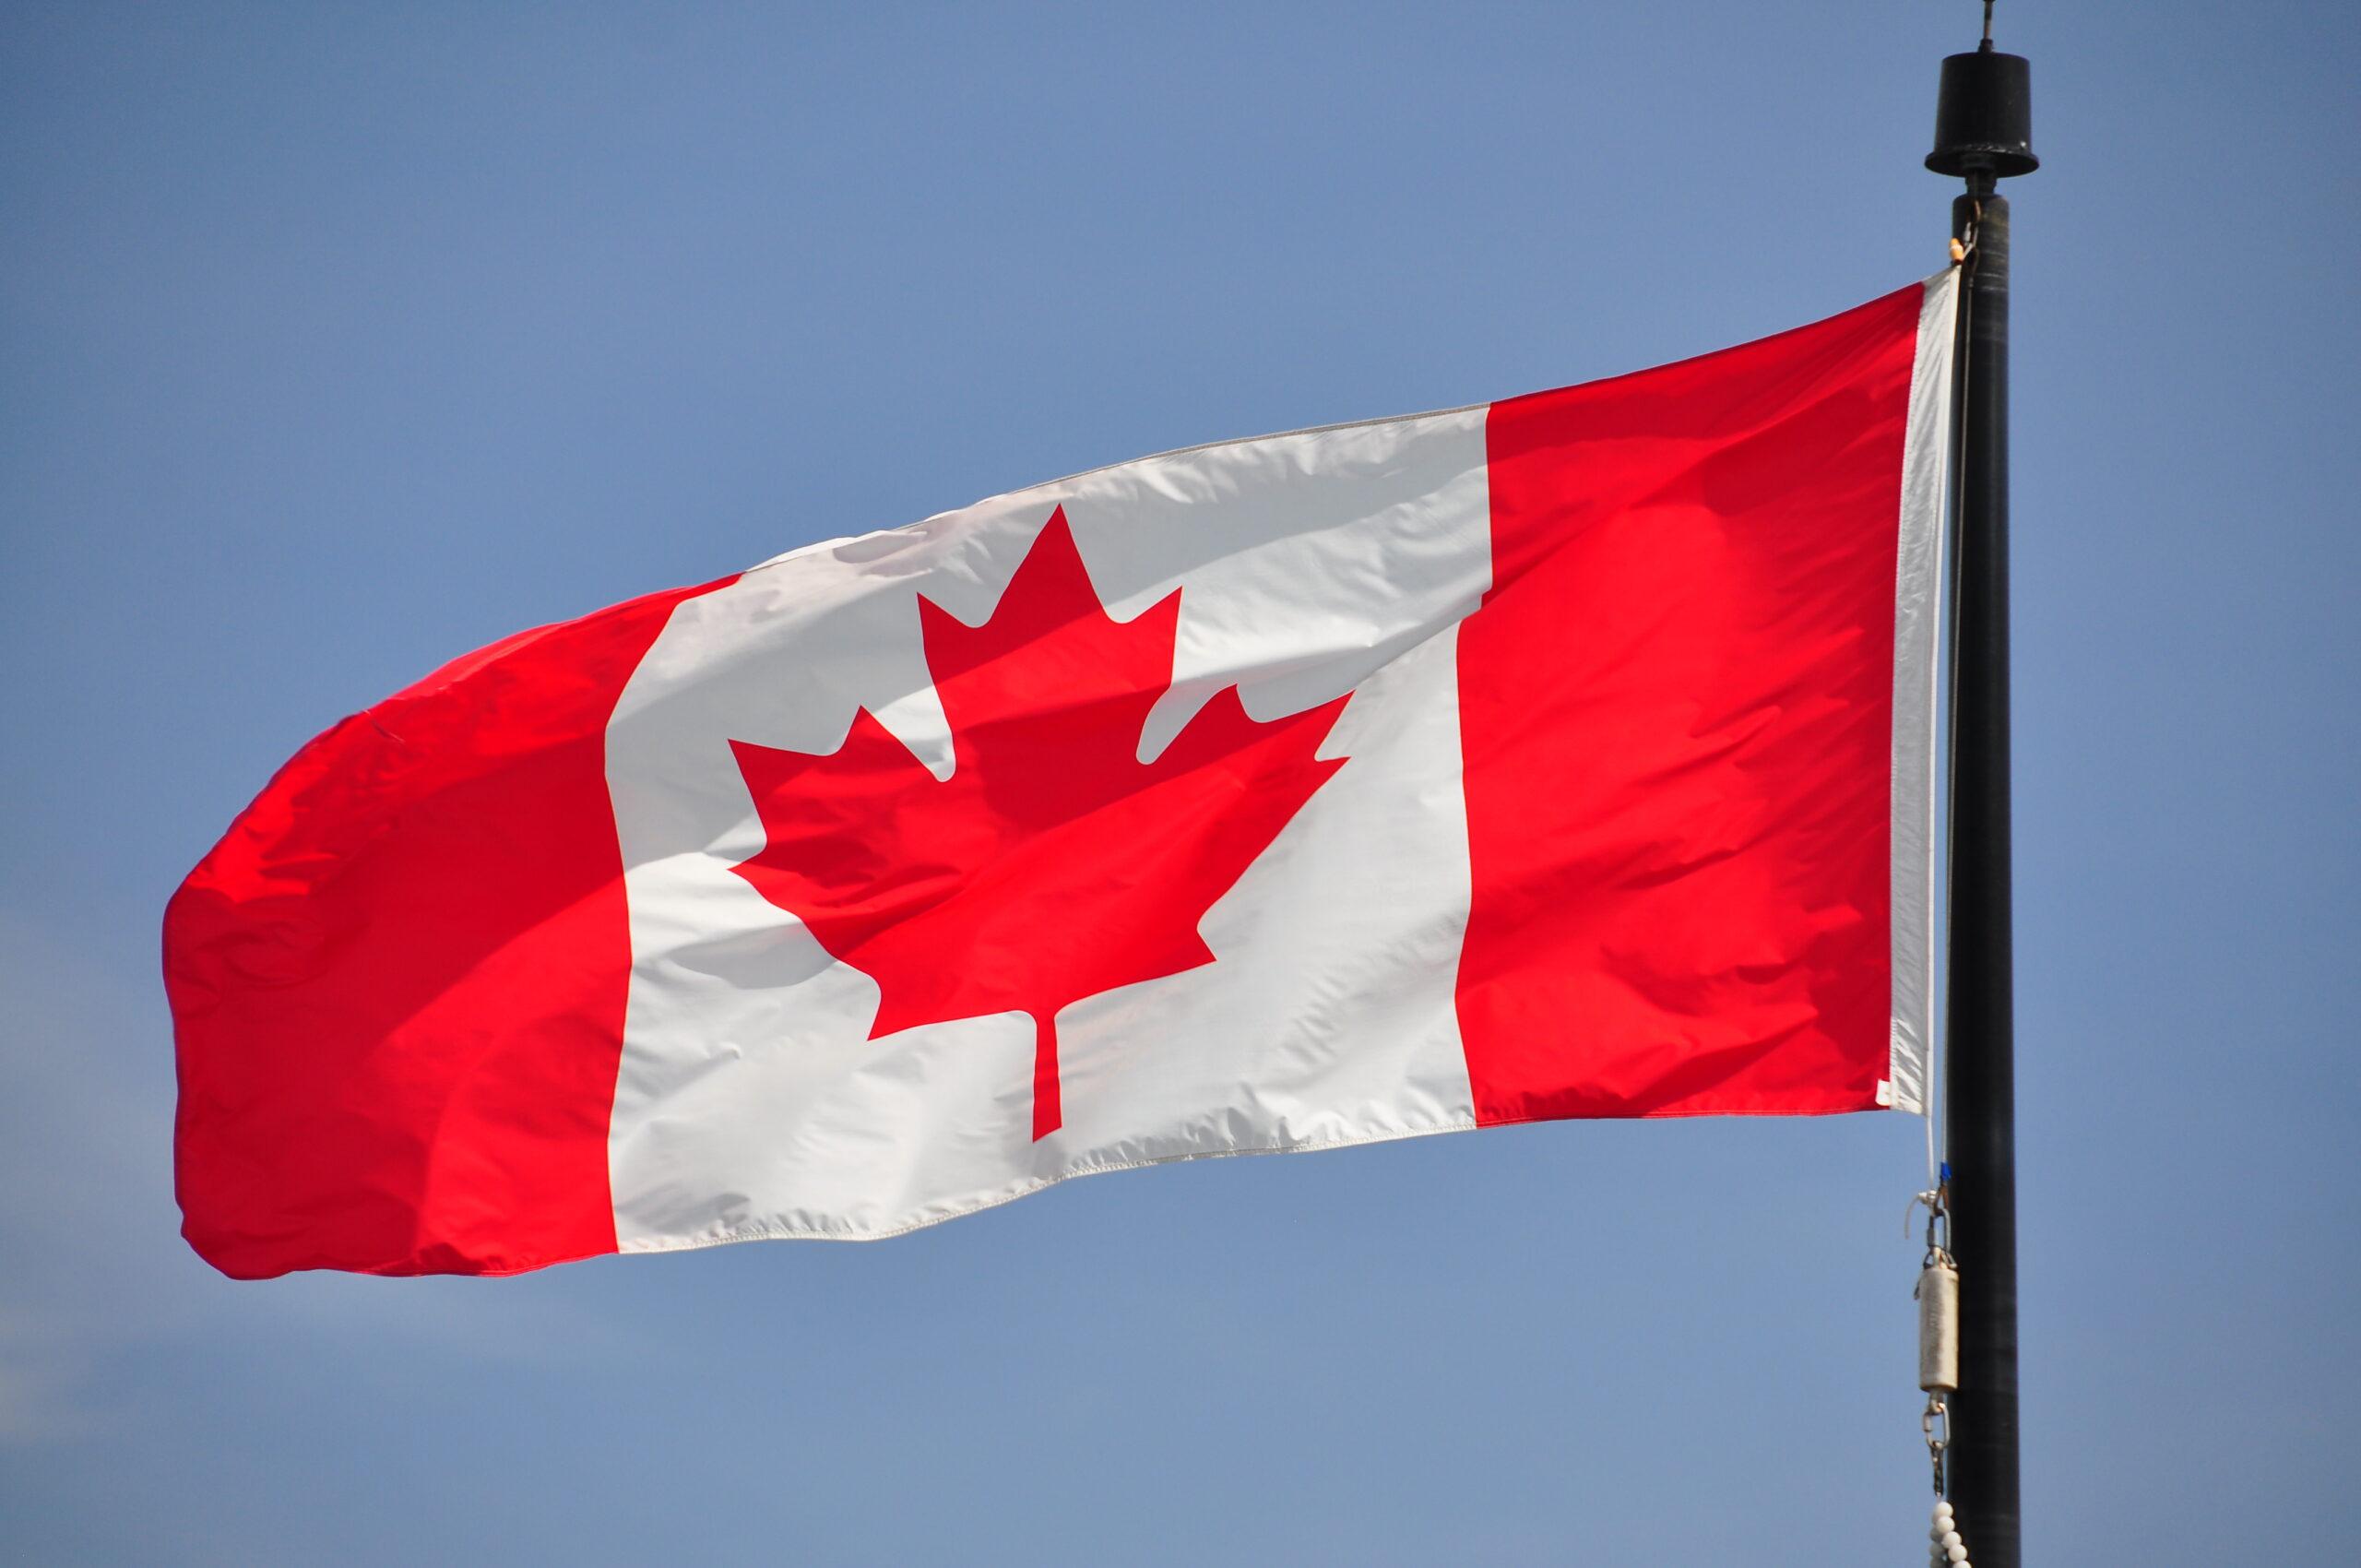 Quebec ou Gatineau: onde estudar no Canadá?